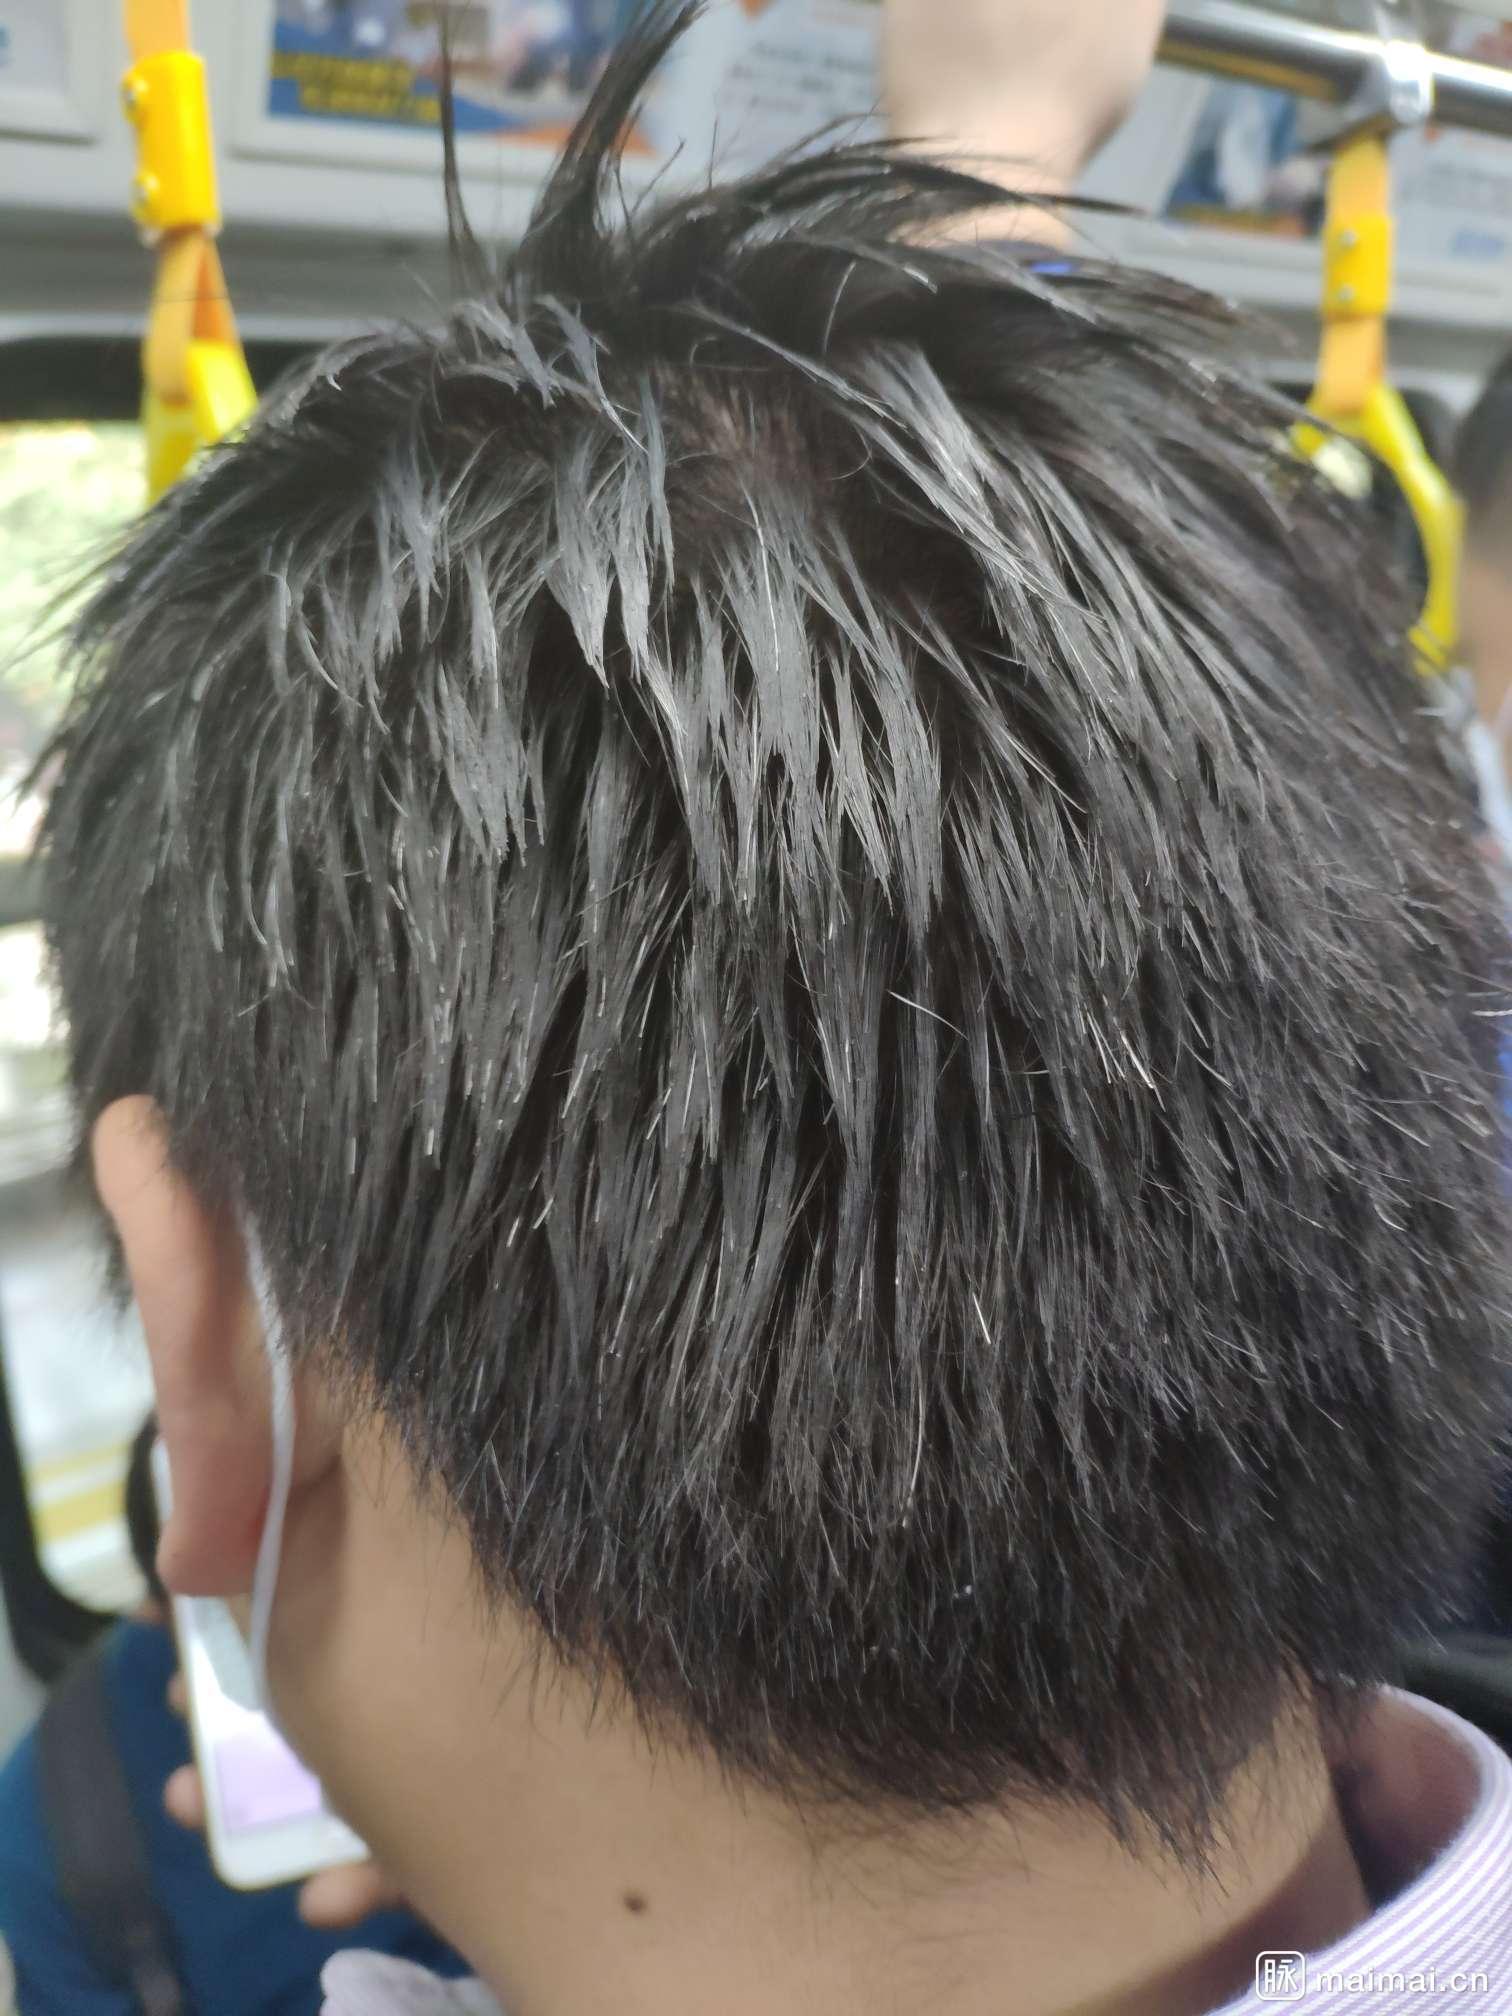 哥们你头发都结块了,不能洗个头嘛 苏州街吕奉先:这…